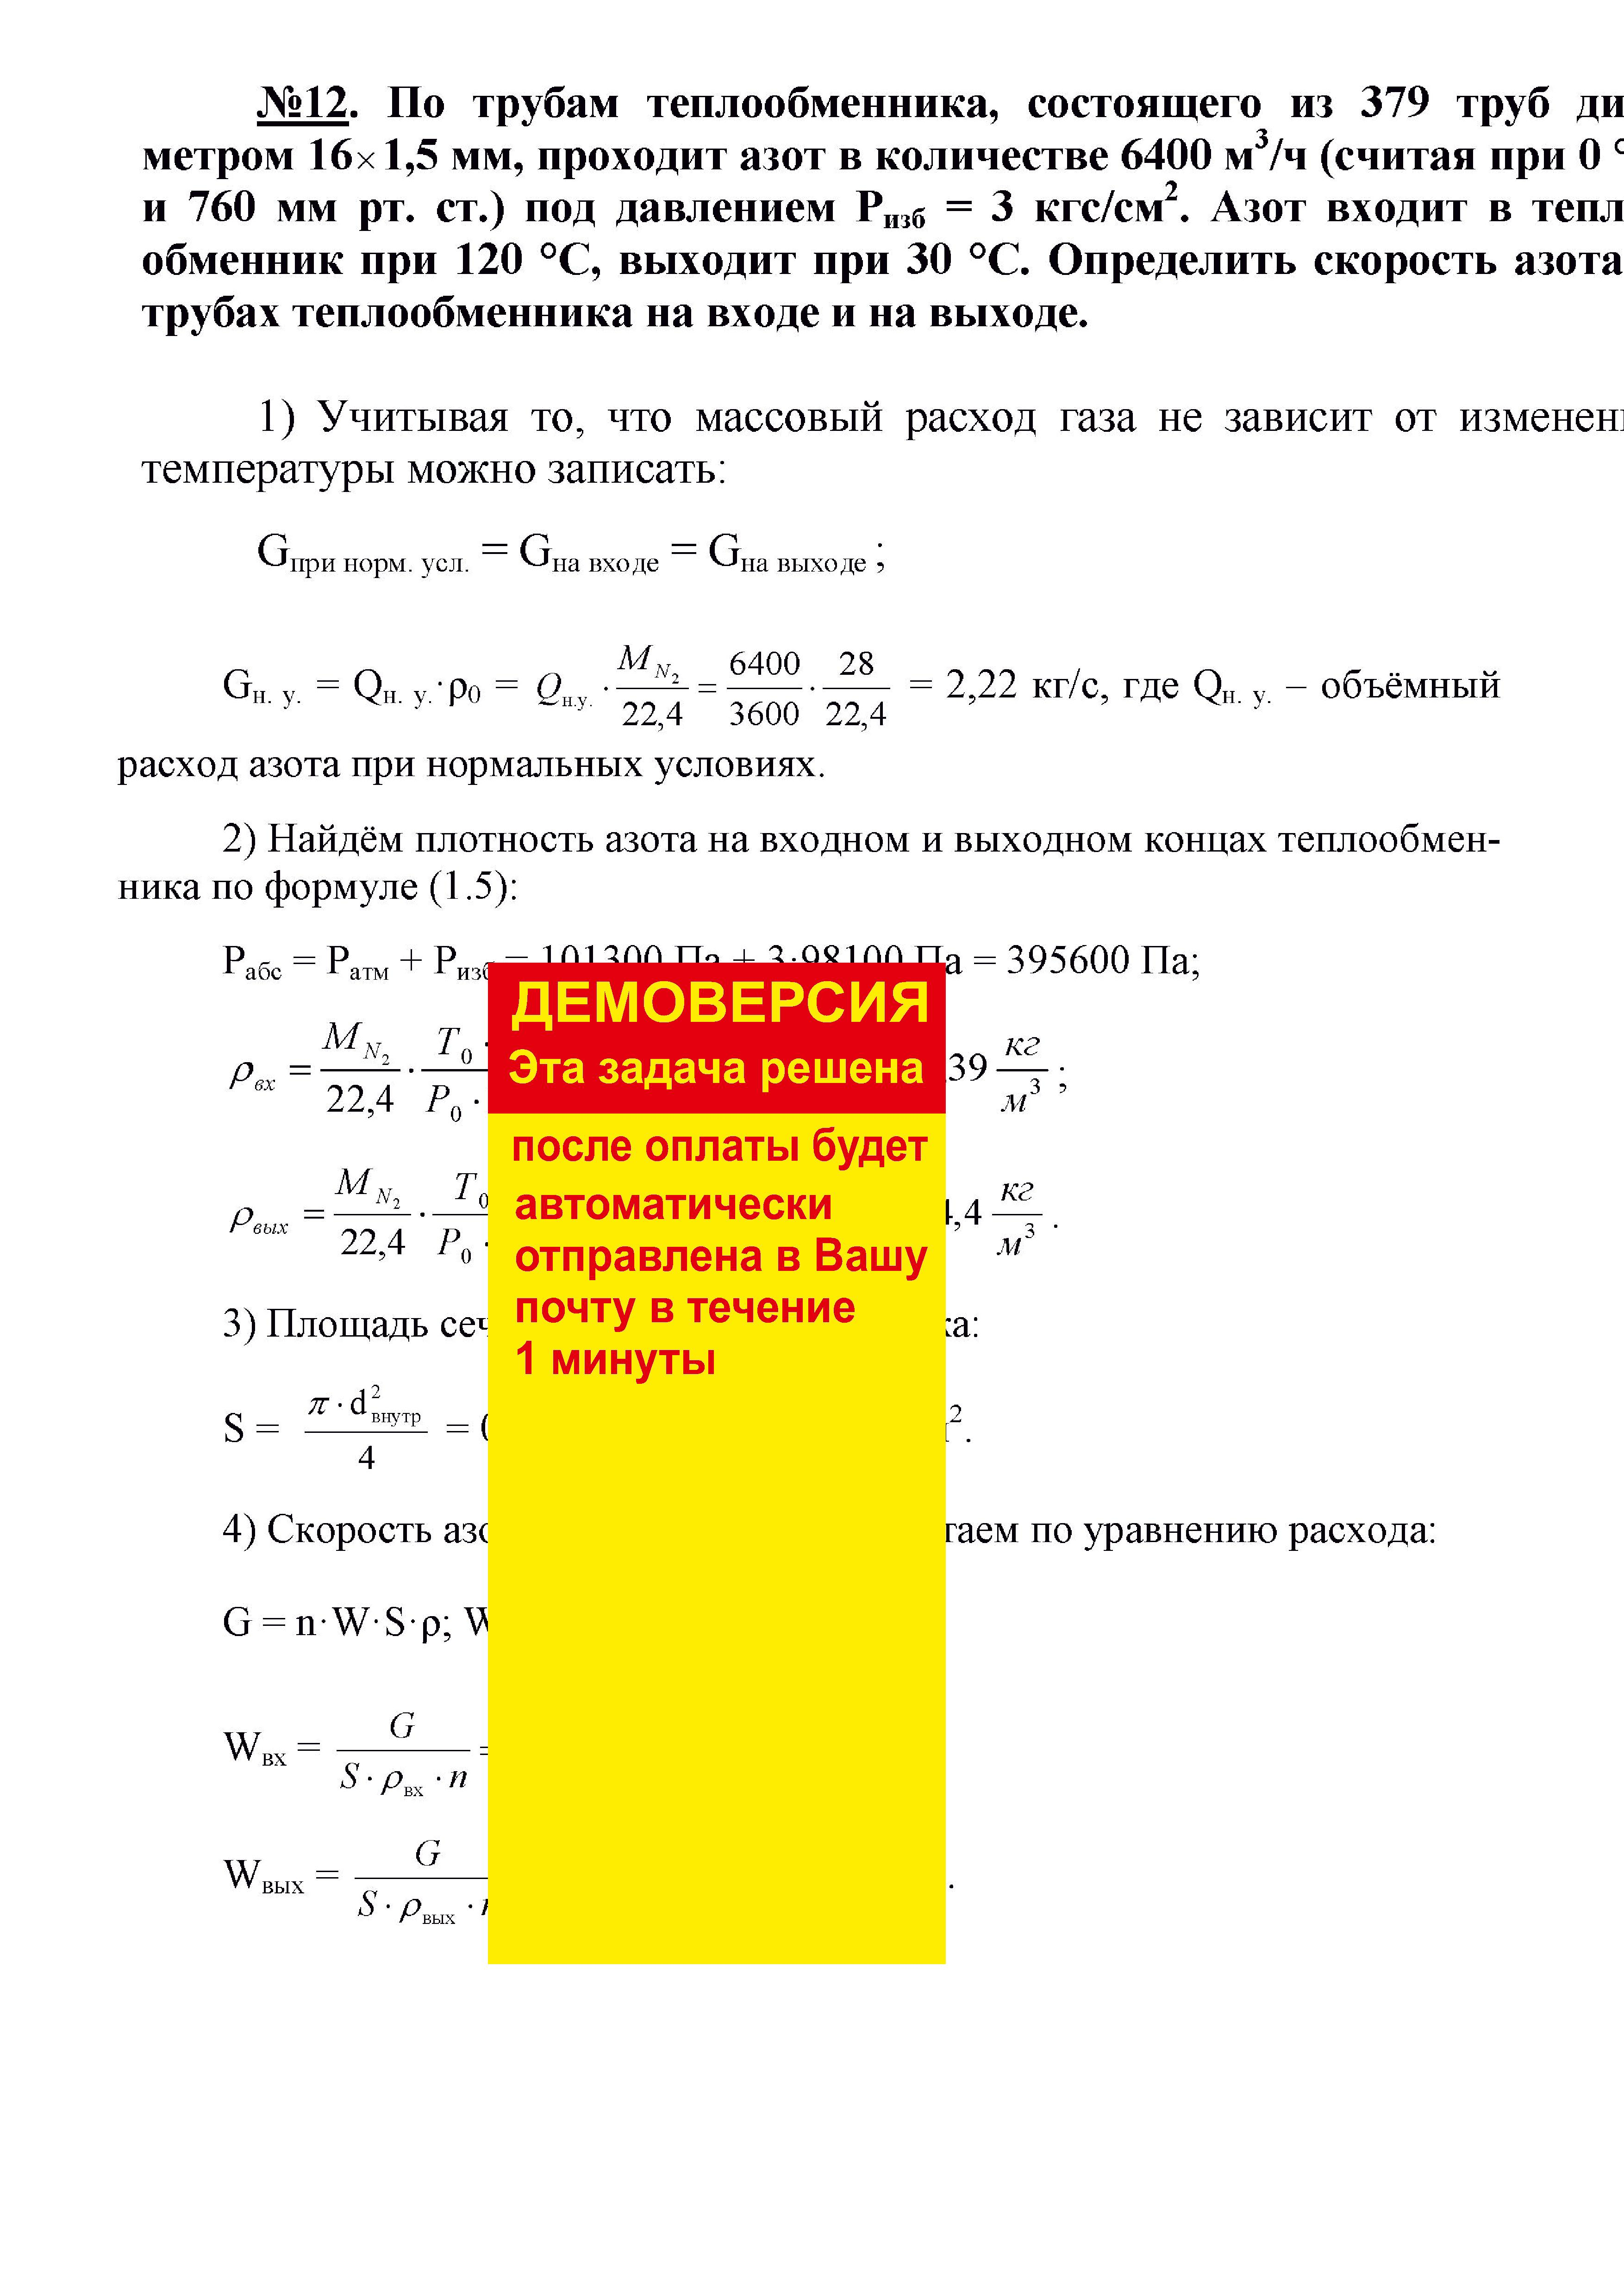 Решение задачи 1.12 по ПАХТ из задачника Павлова Романкова Носкова